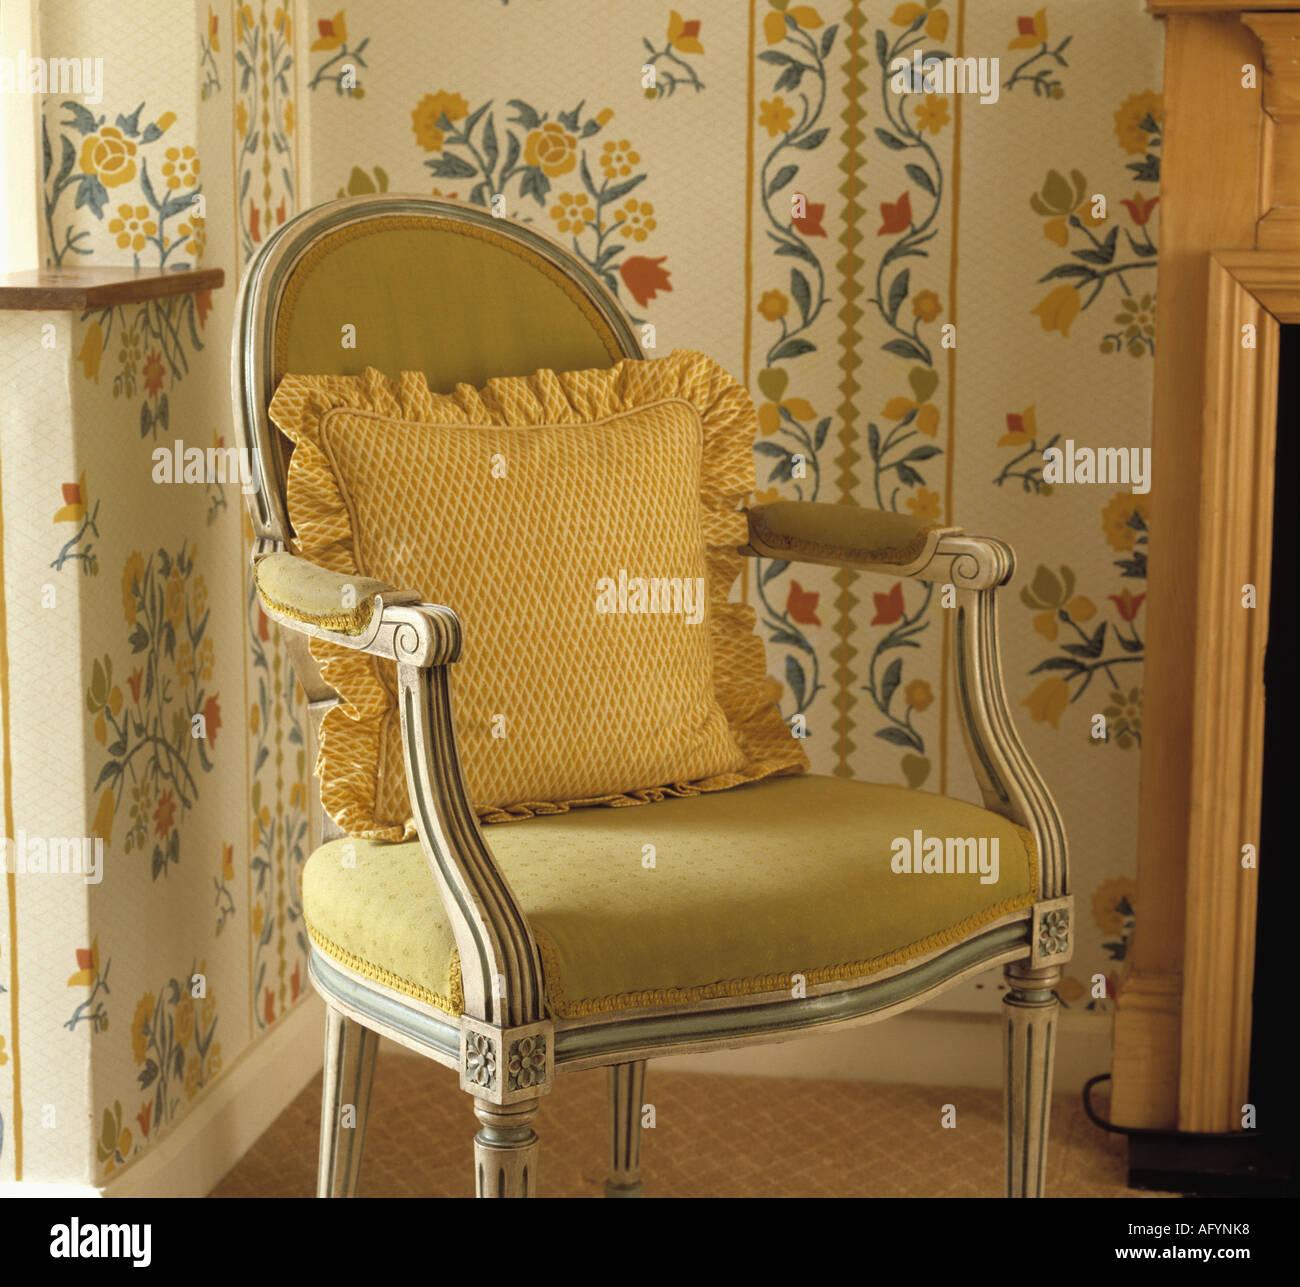 Nahaufnahme Des Französischen Stil Gelb Gepolstert, Esszimmer Stuhl Mit  Gelben Kissen In Der Ecke Des Raumes Mit Floral Gemusterten Tapeten